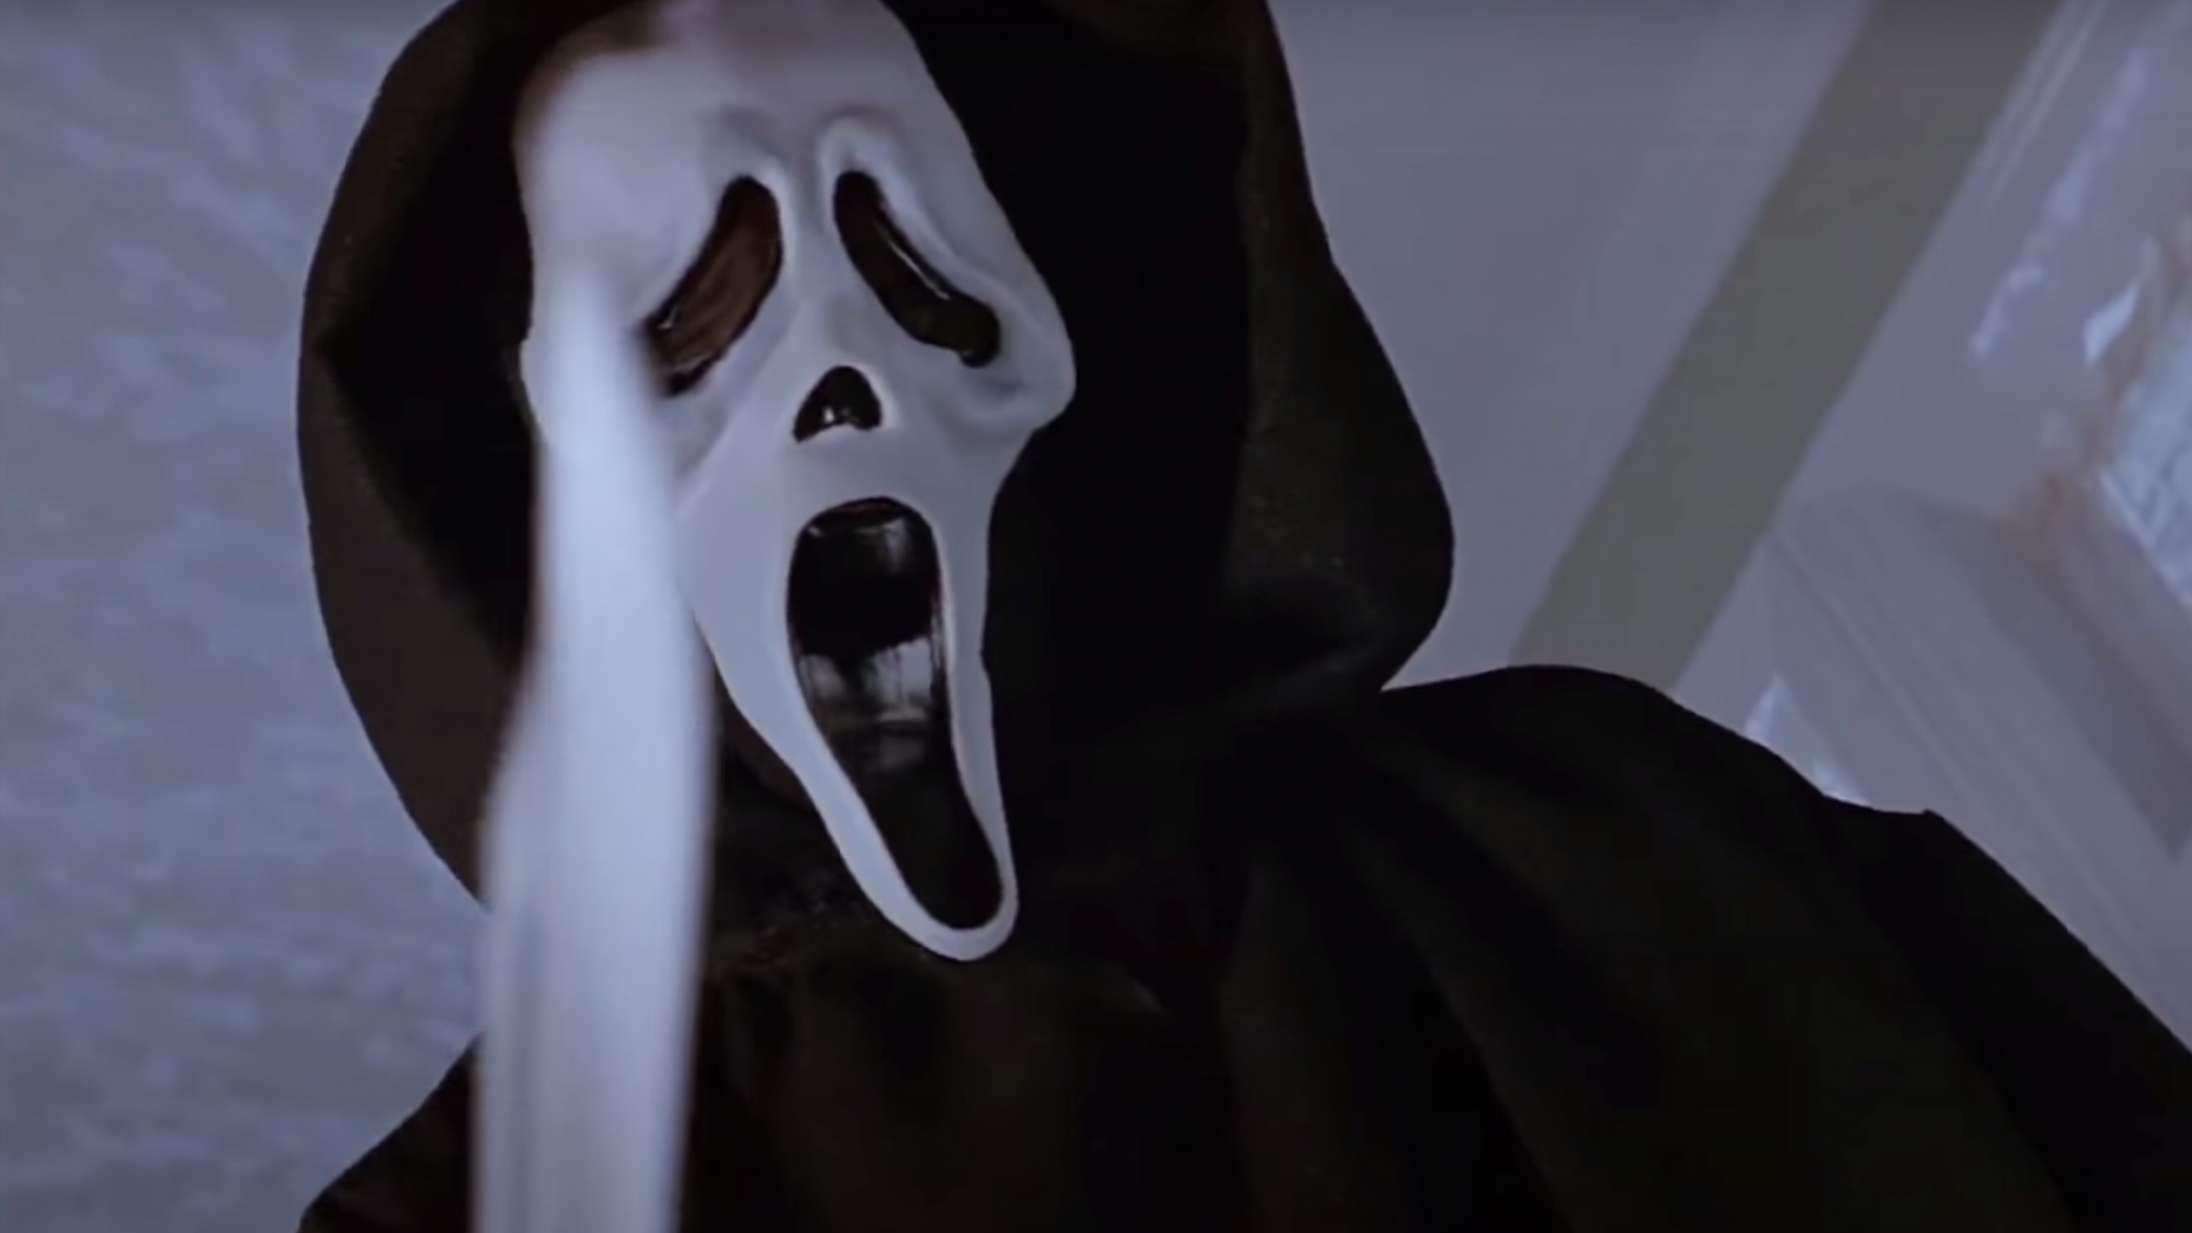 Lyt til podcasten Soundvenue Filmklub: Der er et tydeligt før og efter 'Scream'